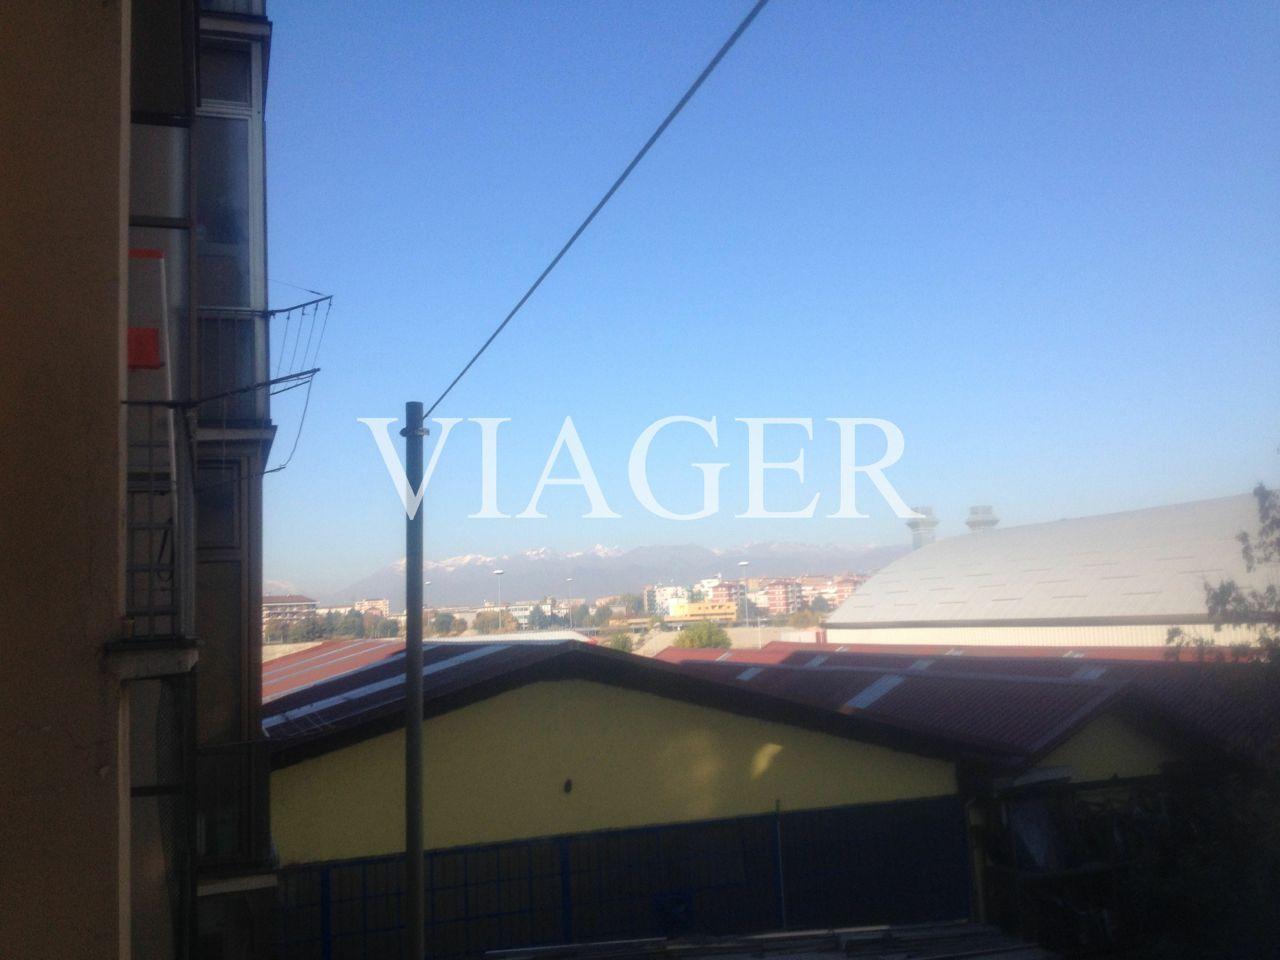 http://www.viager.it/public/Vgr-1386-12520_g.jpg